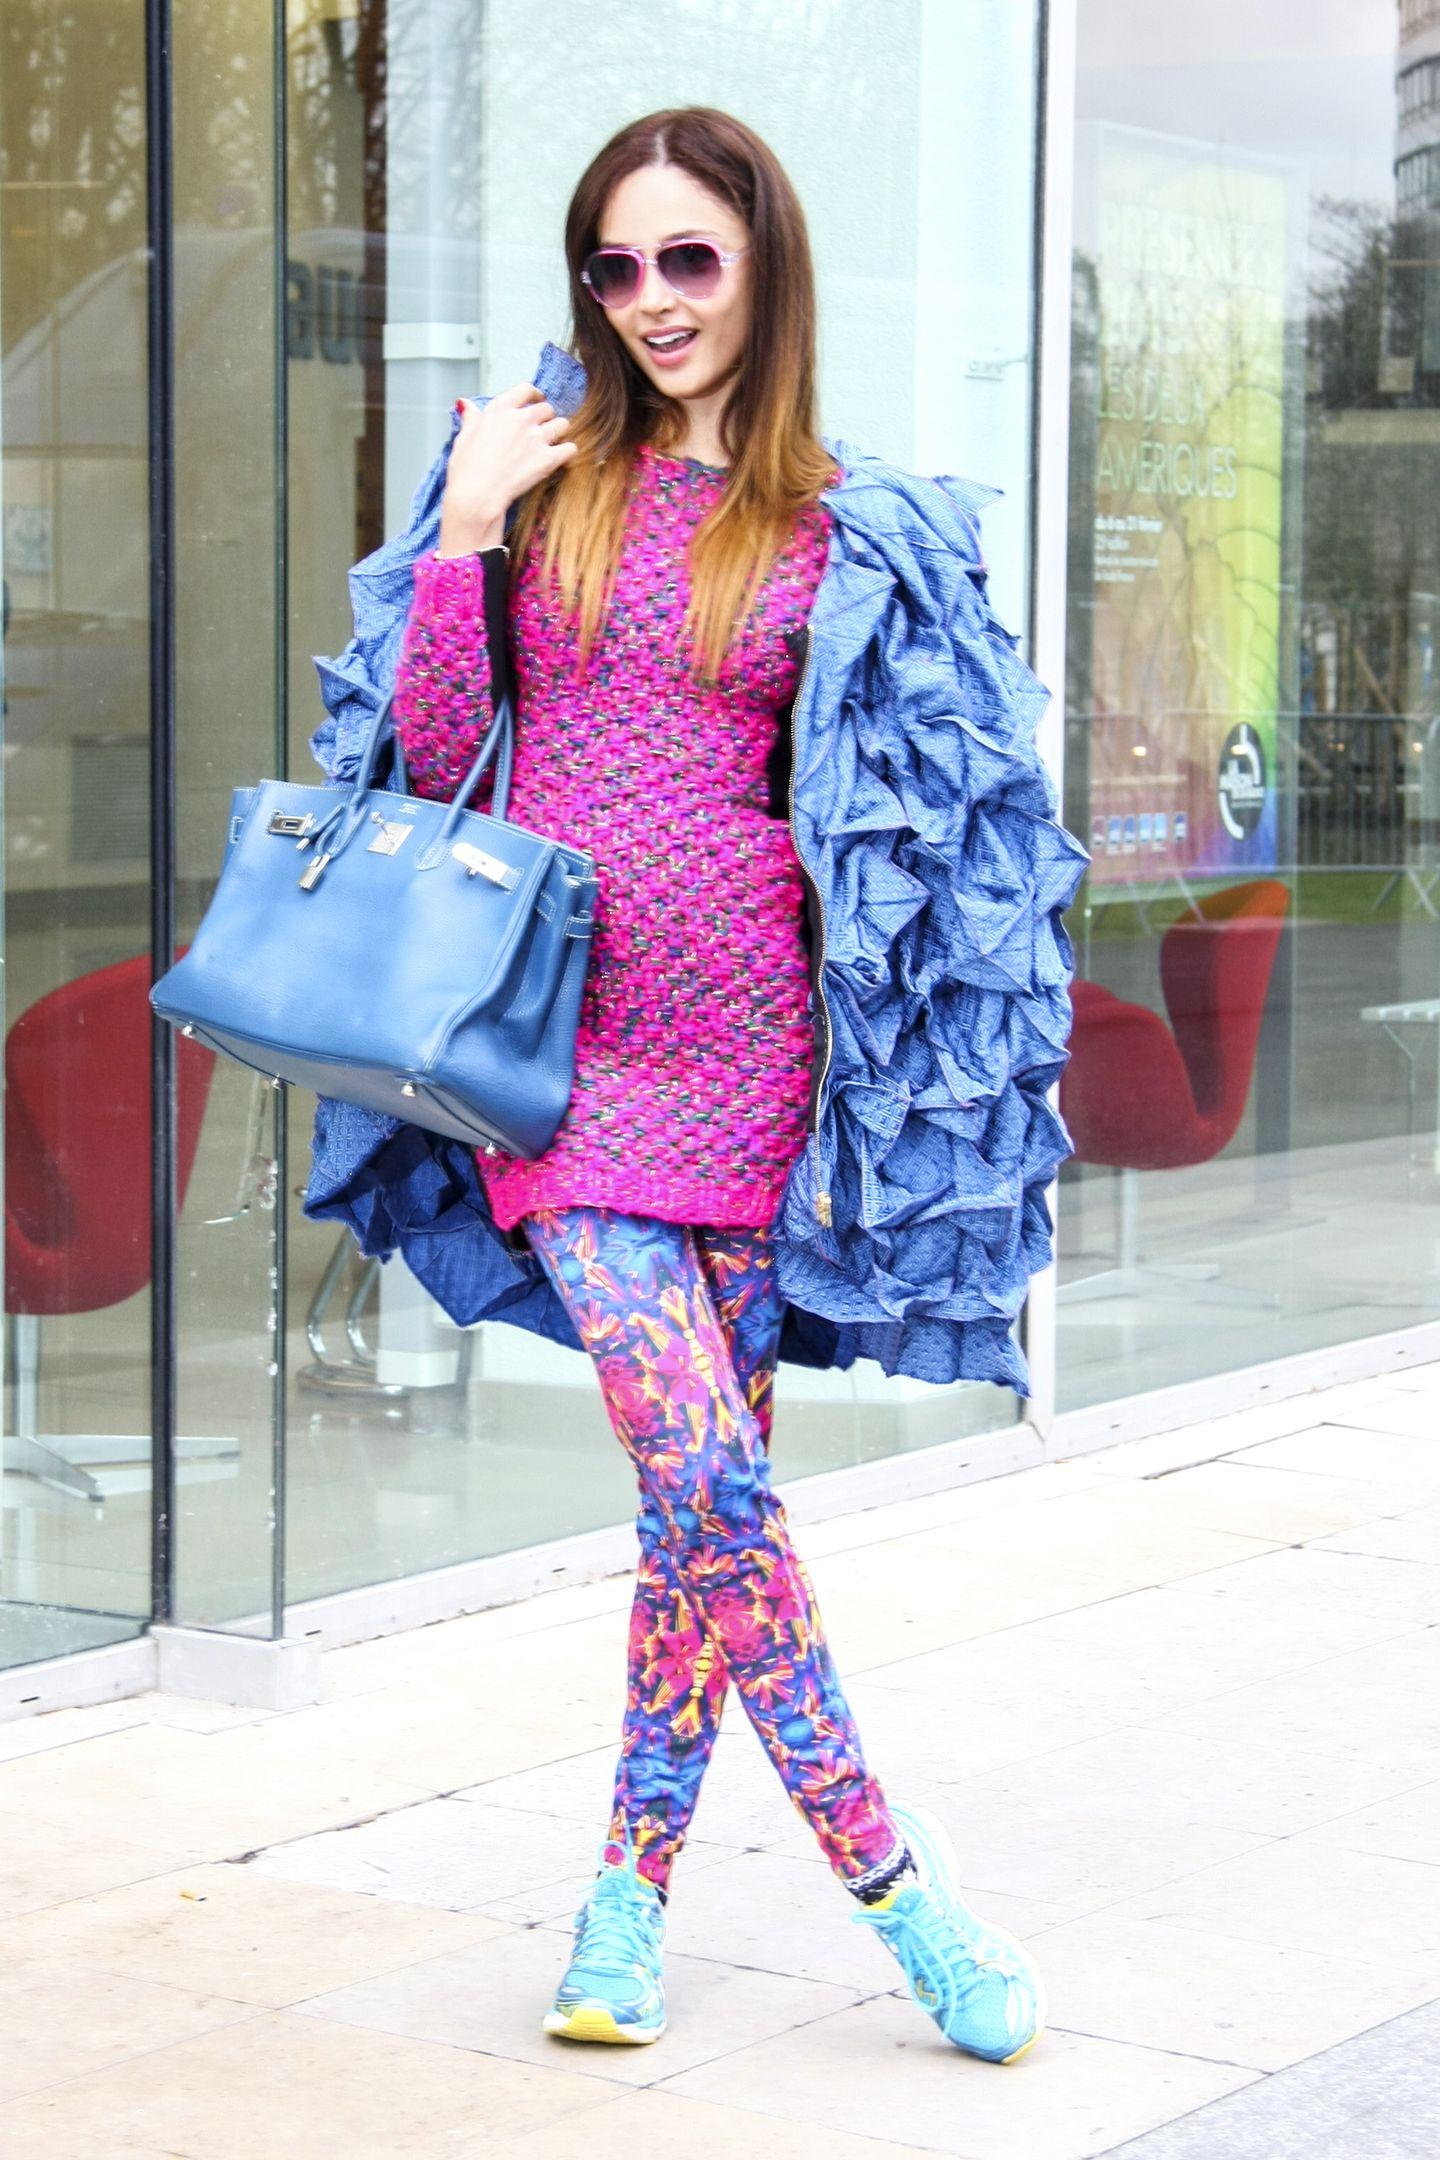 Hauptsache bunt! Von einer blauen, dekonstruierten Jacke, über einen pinken Strickpulli, gemusterten Leggings und türkisen Sneakern. Der Sommer kann kommen!